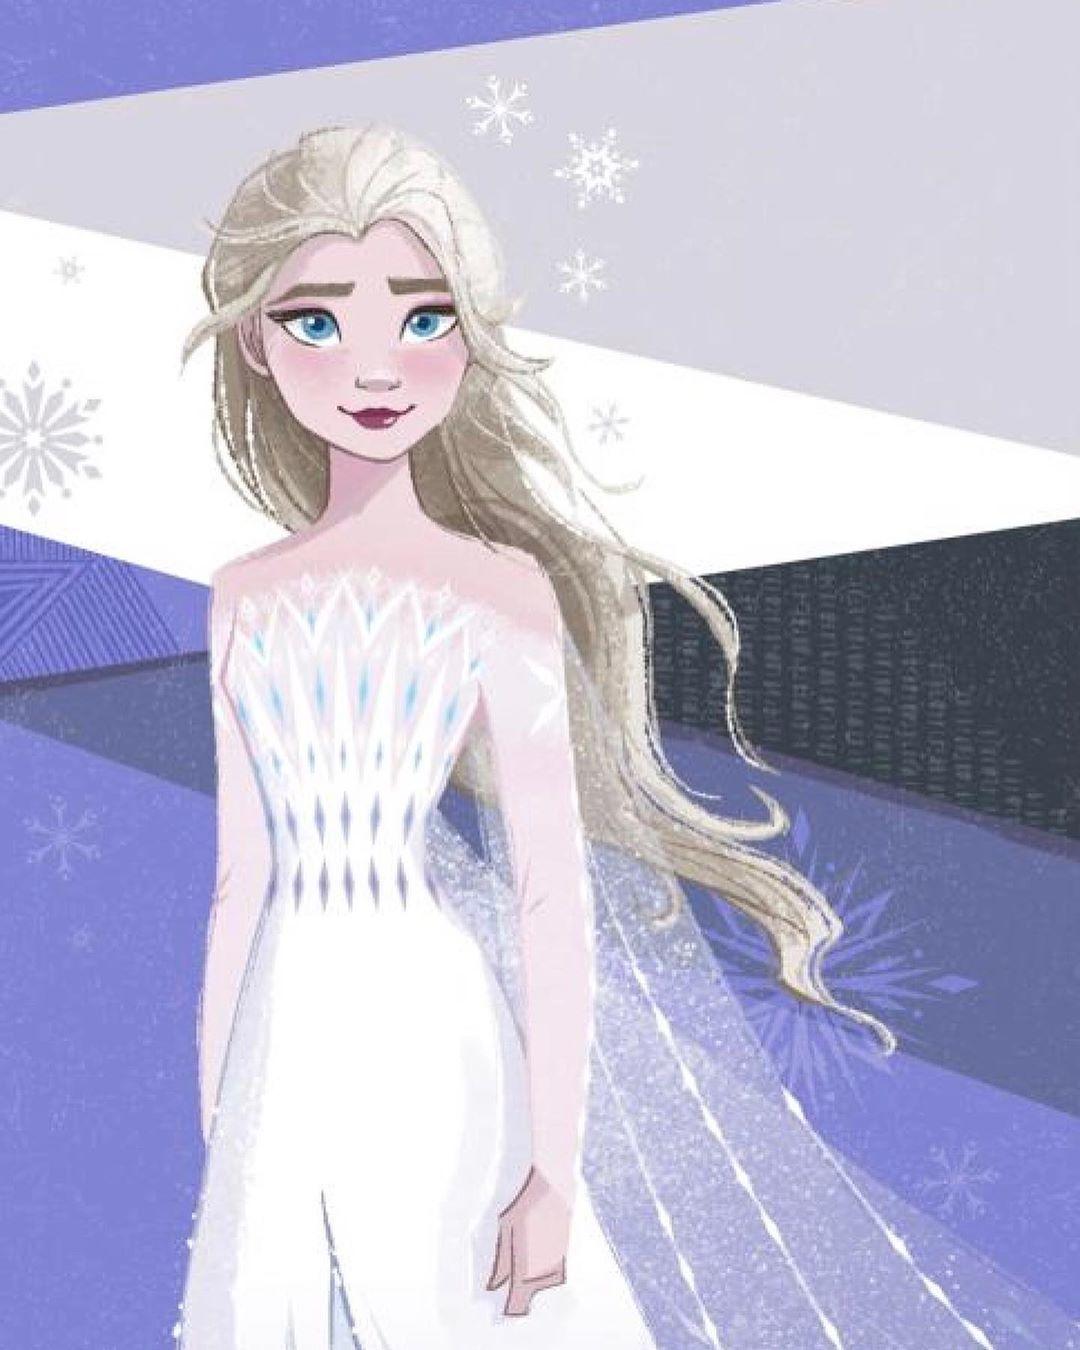 Pin By J S On Frozen In 2020 Disney Princess Tattoo Disney Frozen Elsa Disney Cuties